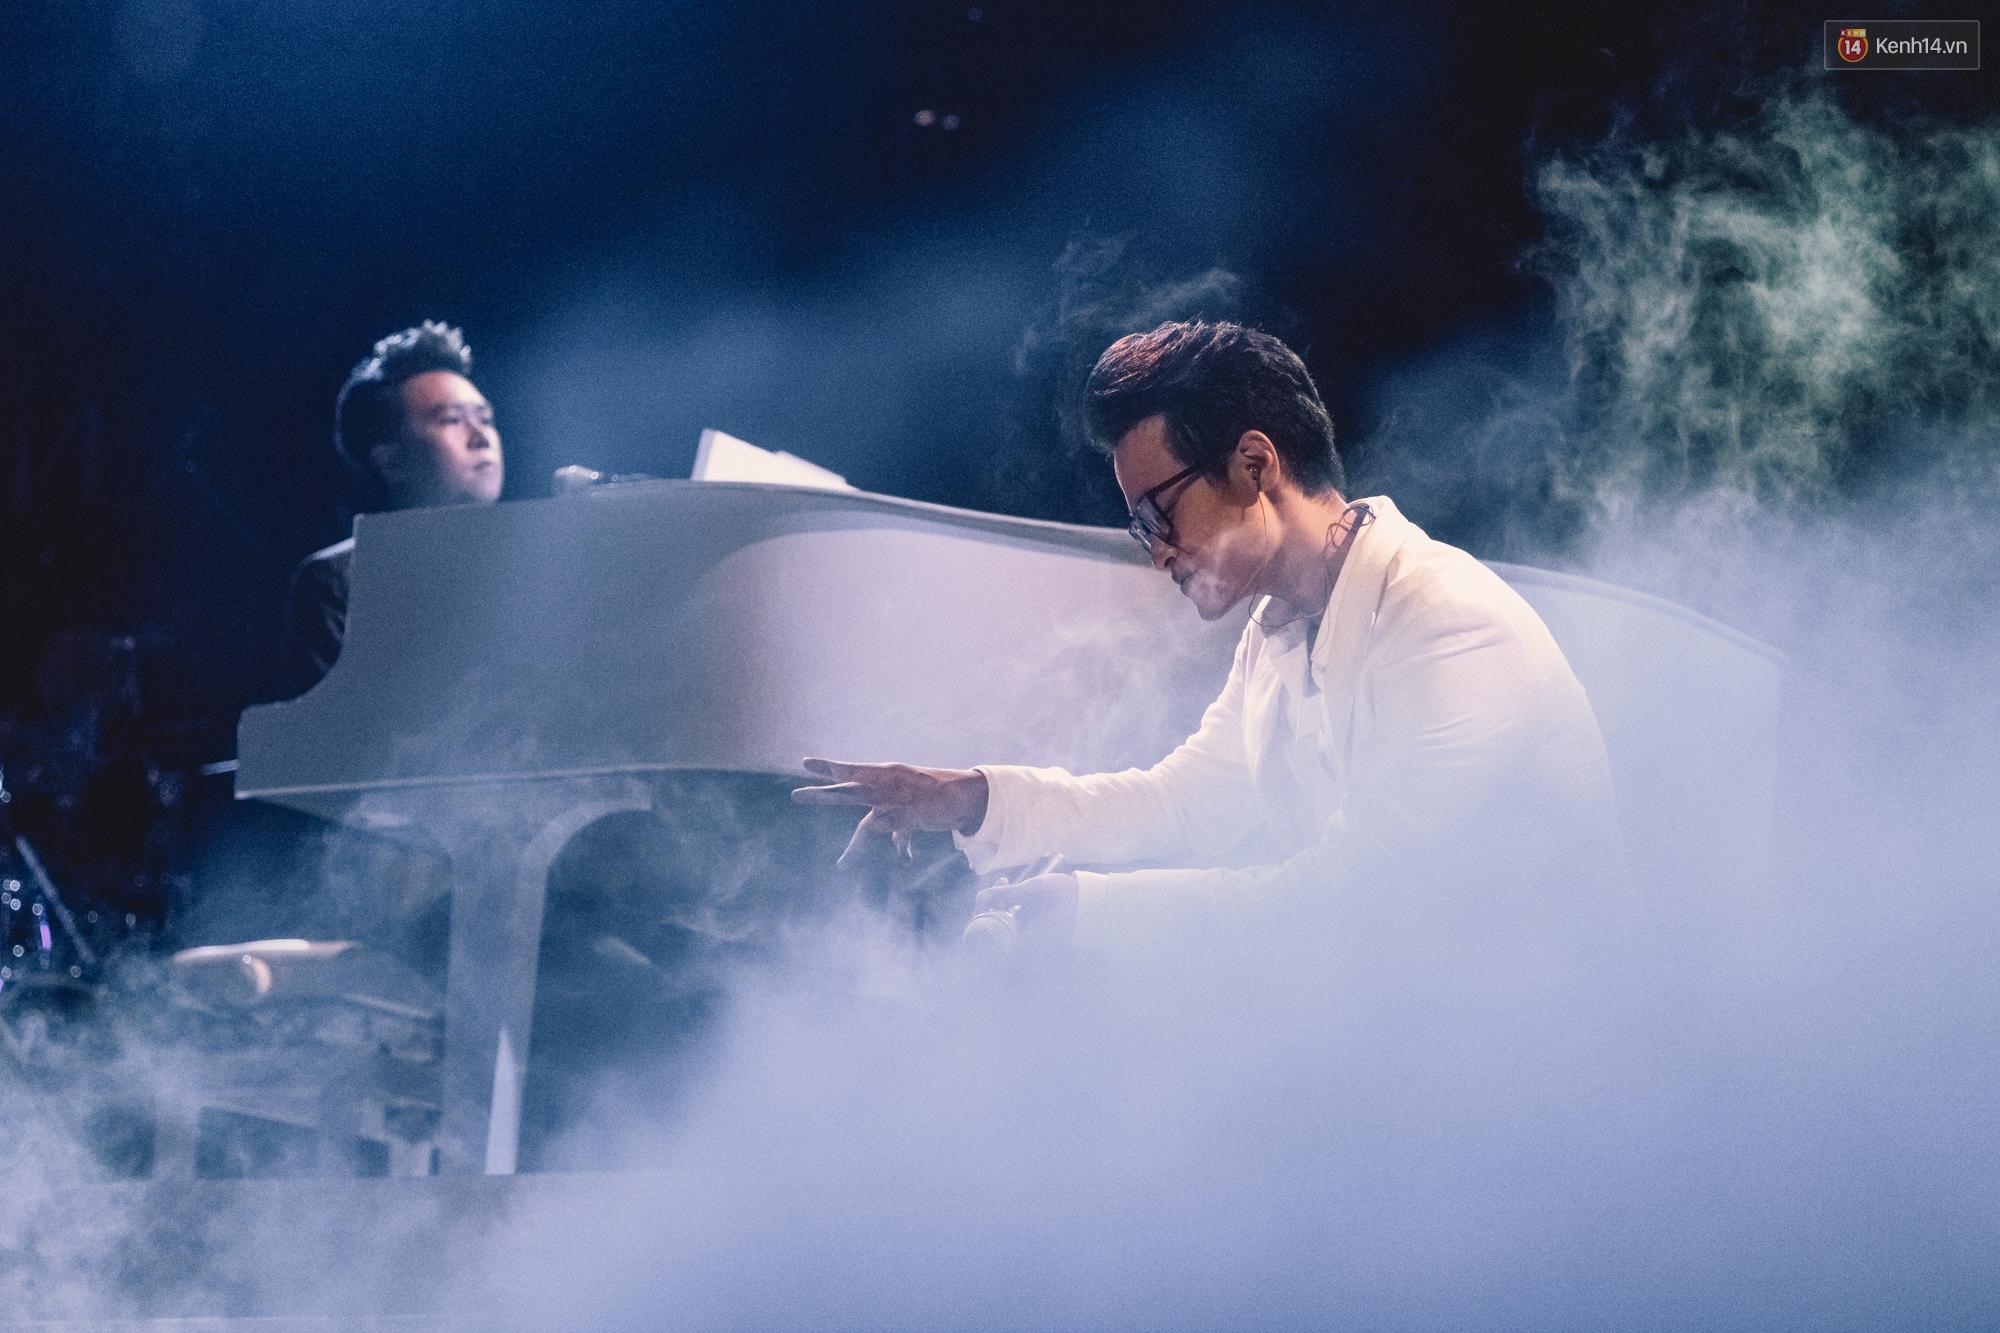 Quên Hà Anh Tuấn đi, hãy thưởng thức Fragile Concert hết mình bằng cả thanh xuân của bạn - Ảnh 15.